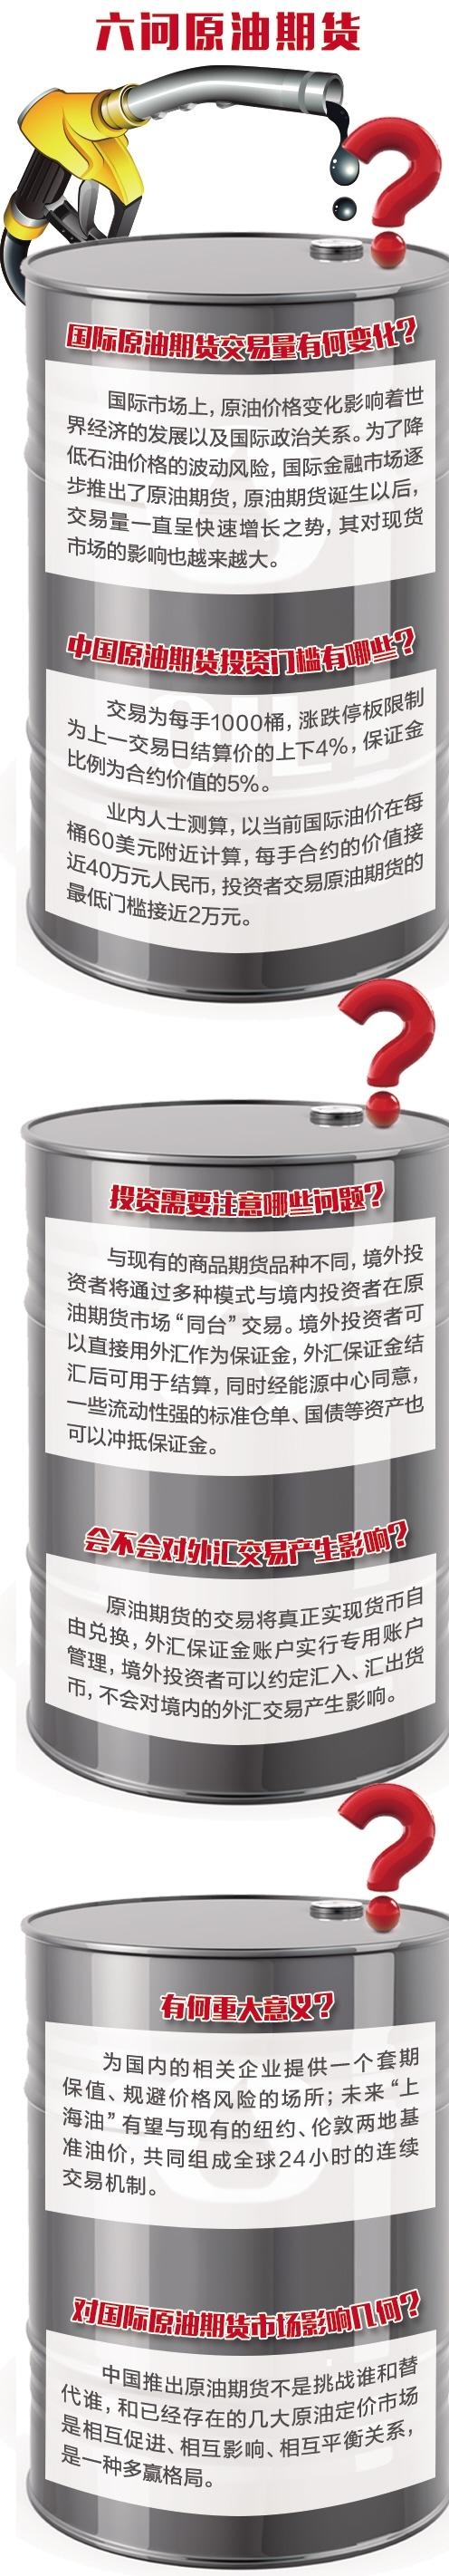 中国版原油期货破茧而出:将于3月26日挂牌交易黎梦恬图片